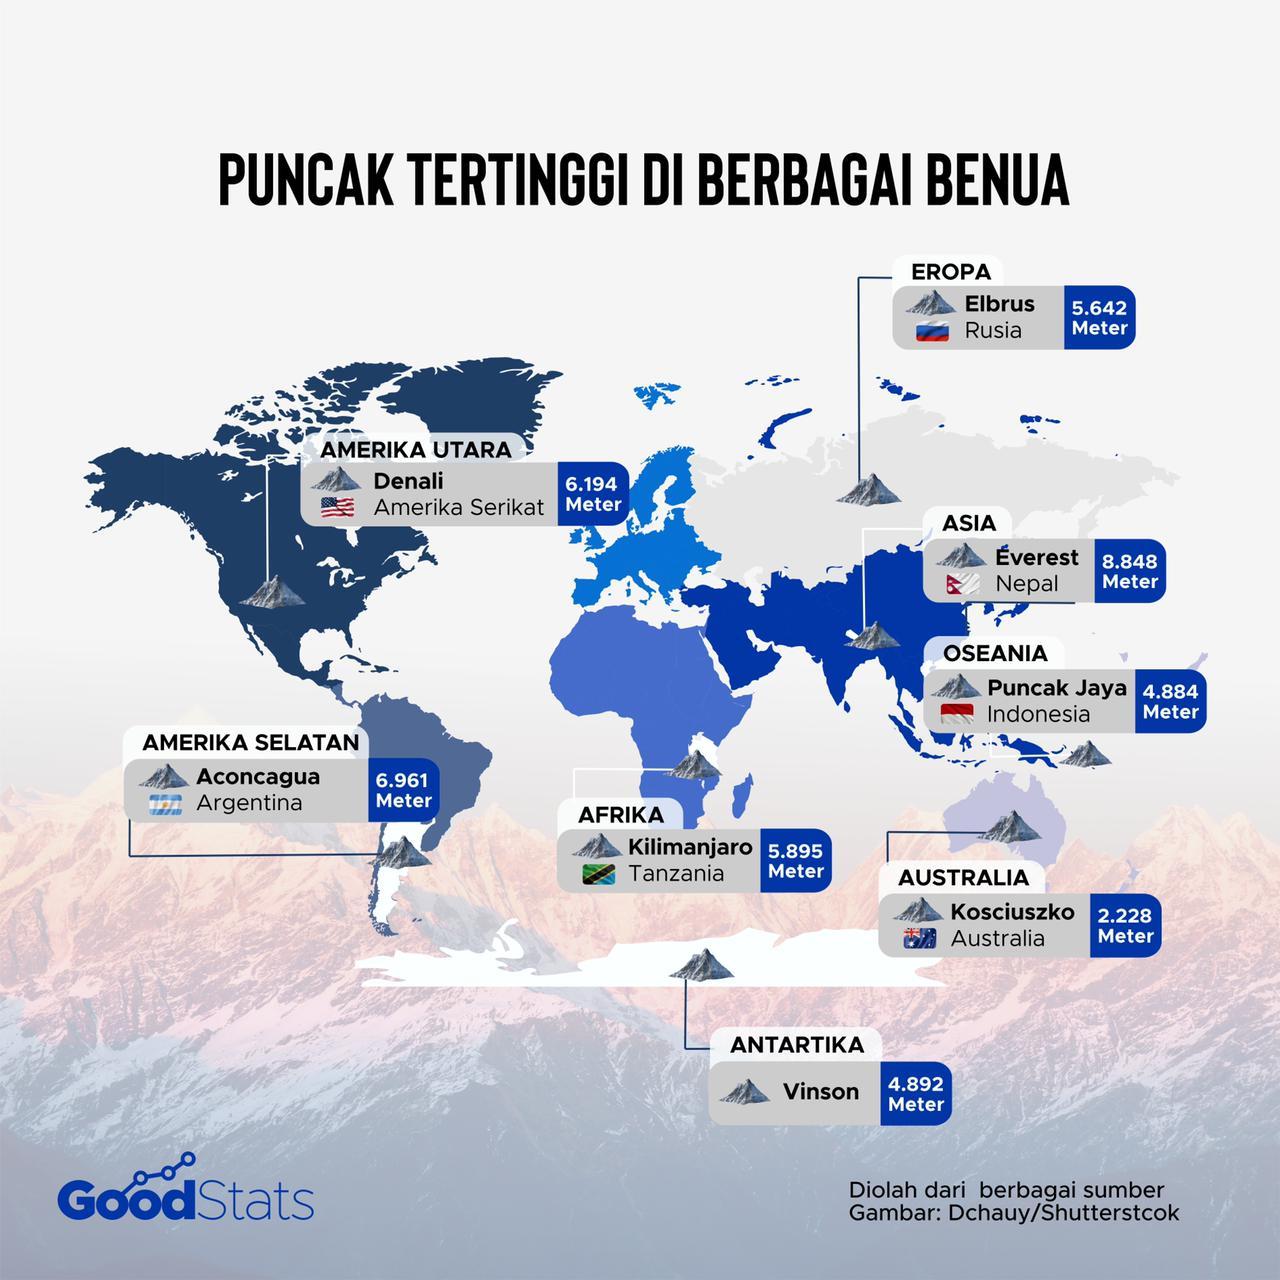 Puncal tertinggi di berbagai benua   Goodstats